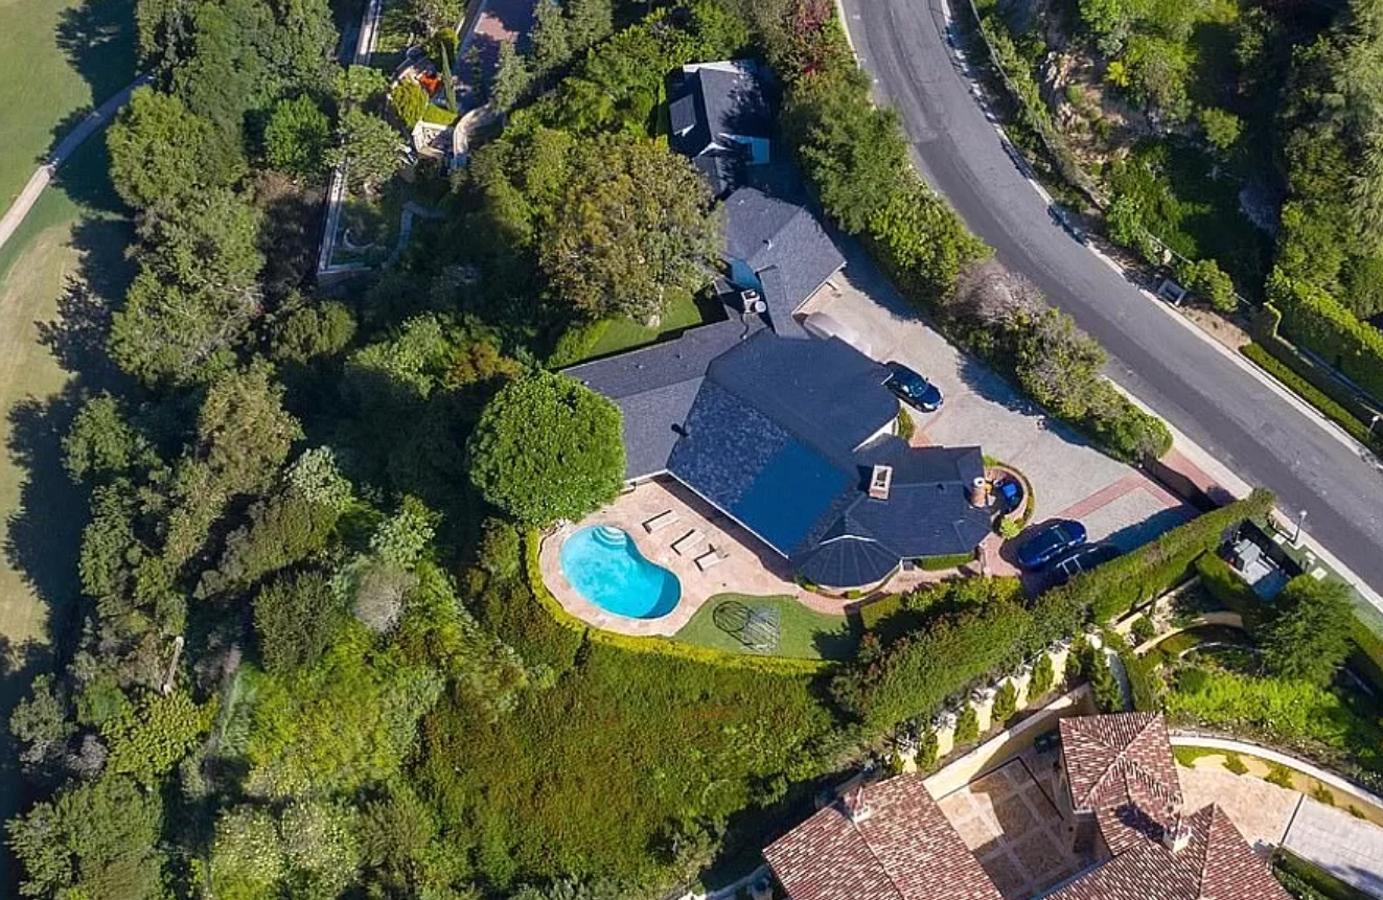 La última excentricidad de Elon Musk: poner en venta todas sus casas